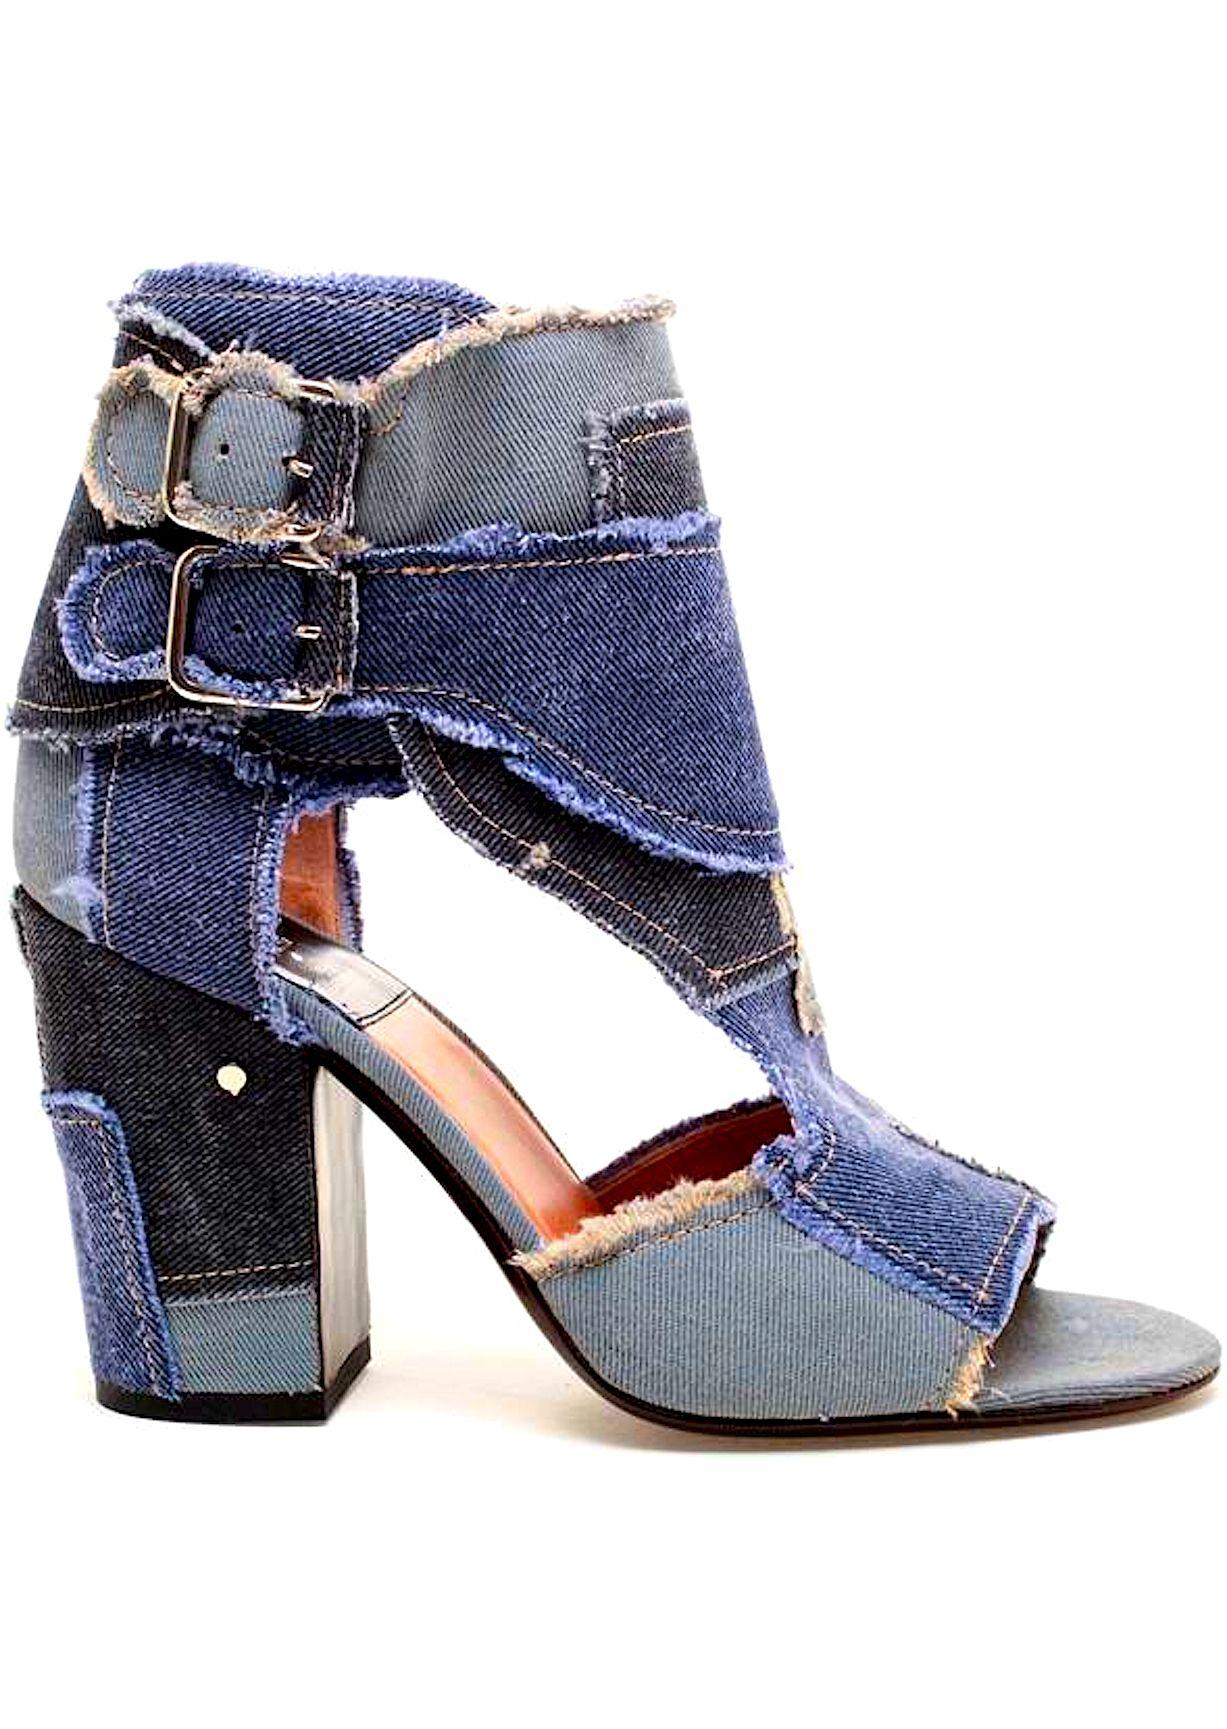 Bleu Laurence Chaussures Décennie vKJK6vYJjs